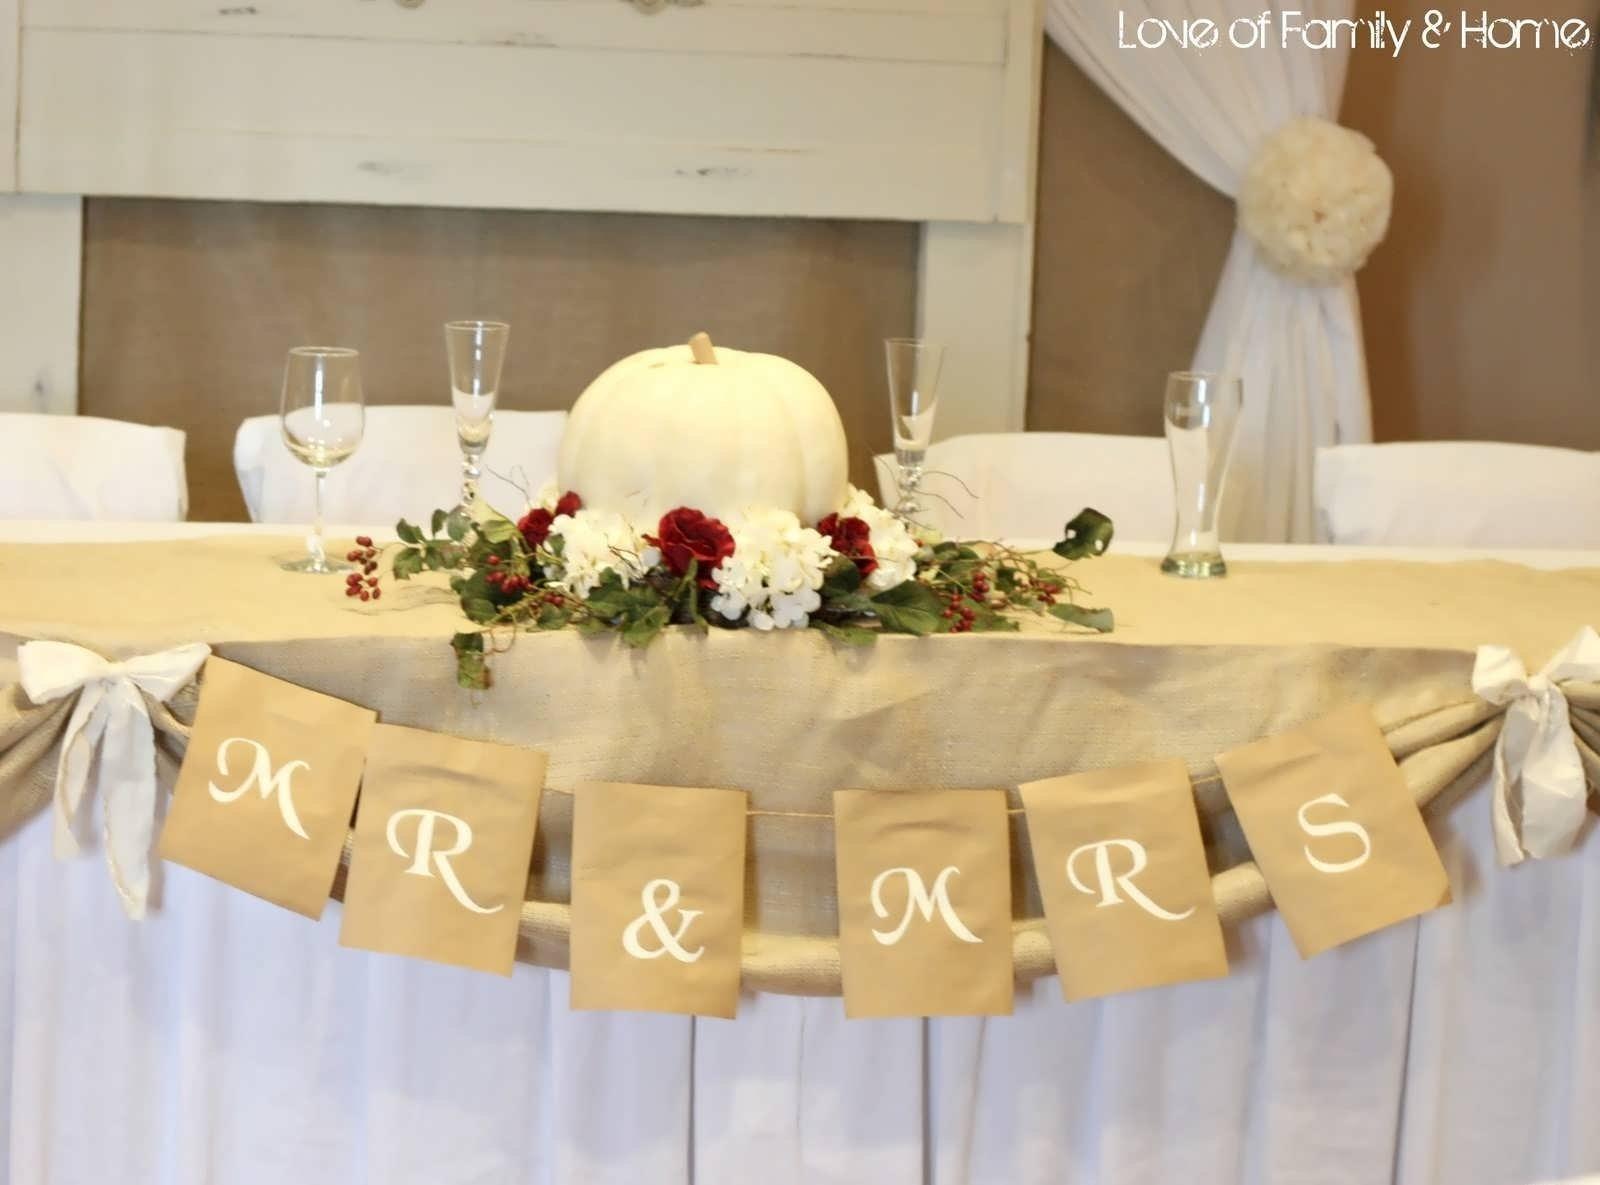 10 Pretty Creative Wedding Ideas On A Budget wedding decorations ideas on a budget 99 wedding ideas 3 2020